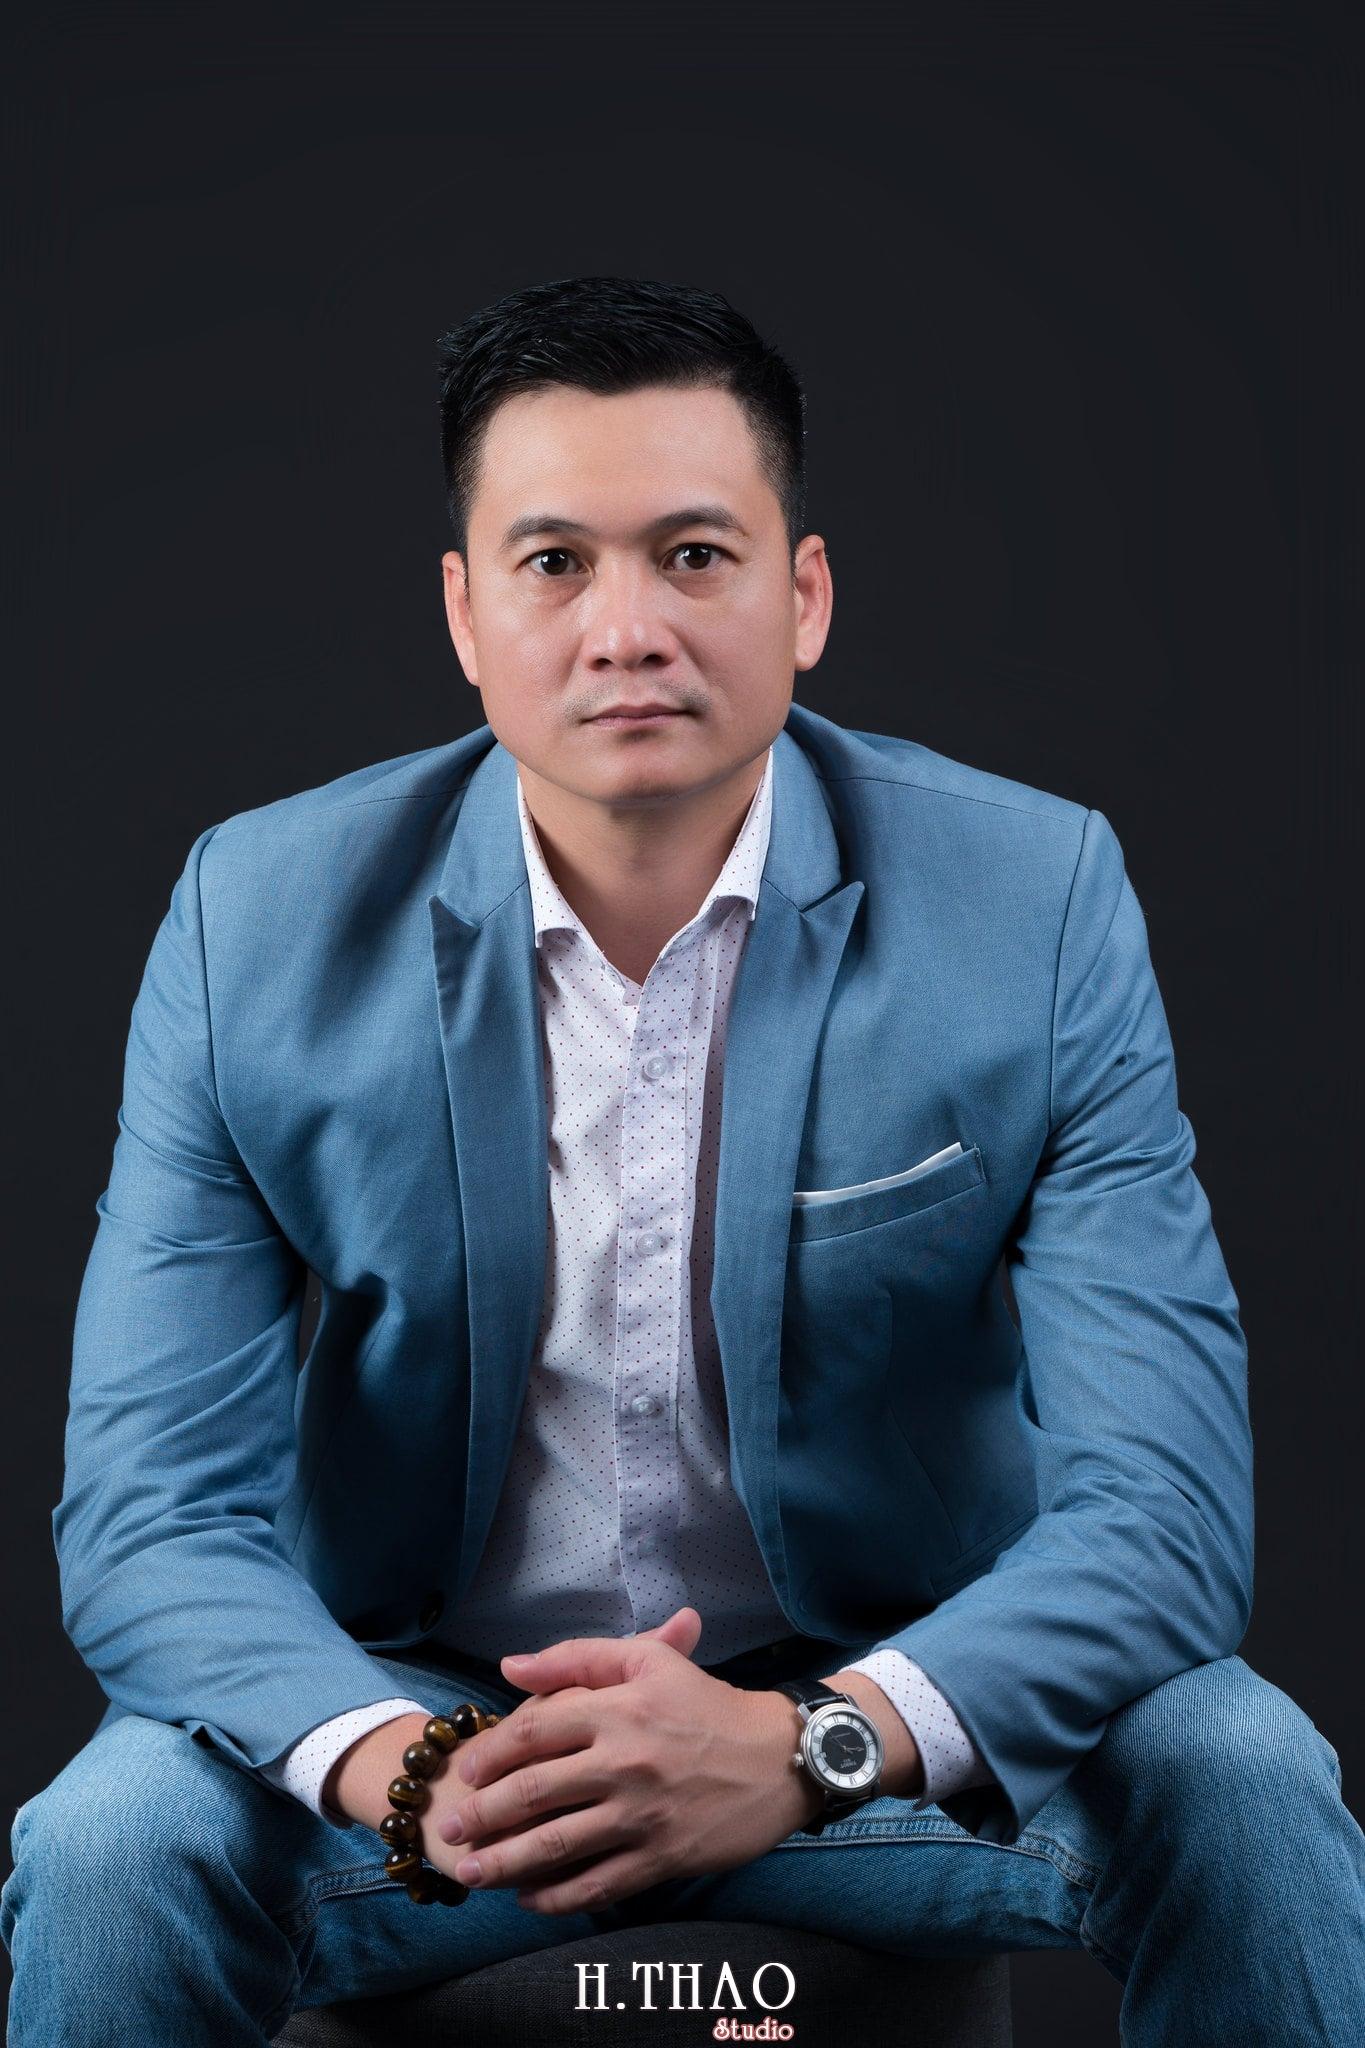 nam doanh nhân - Album ảnh chuẩn phong cách doanh nhân Hưng Nguyễn - HThao Studio